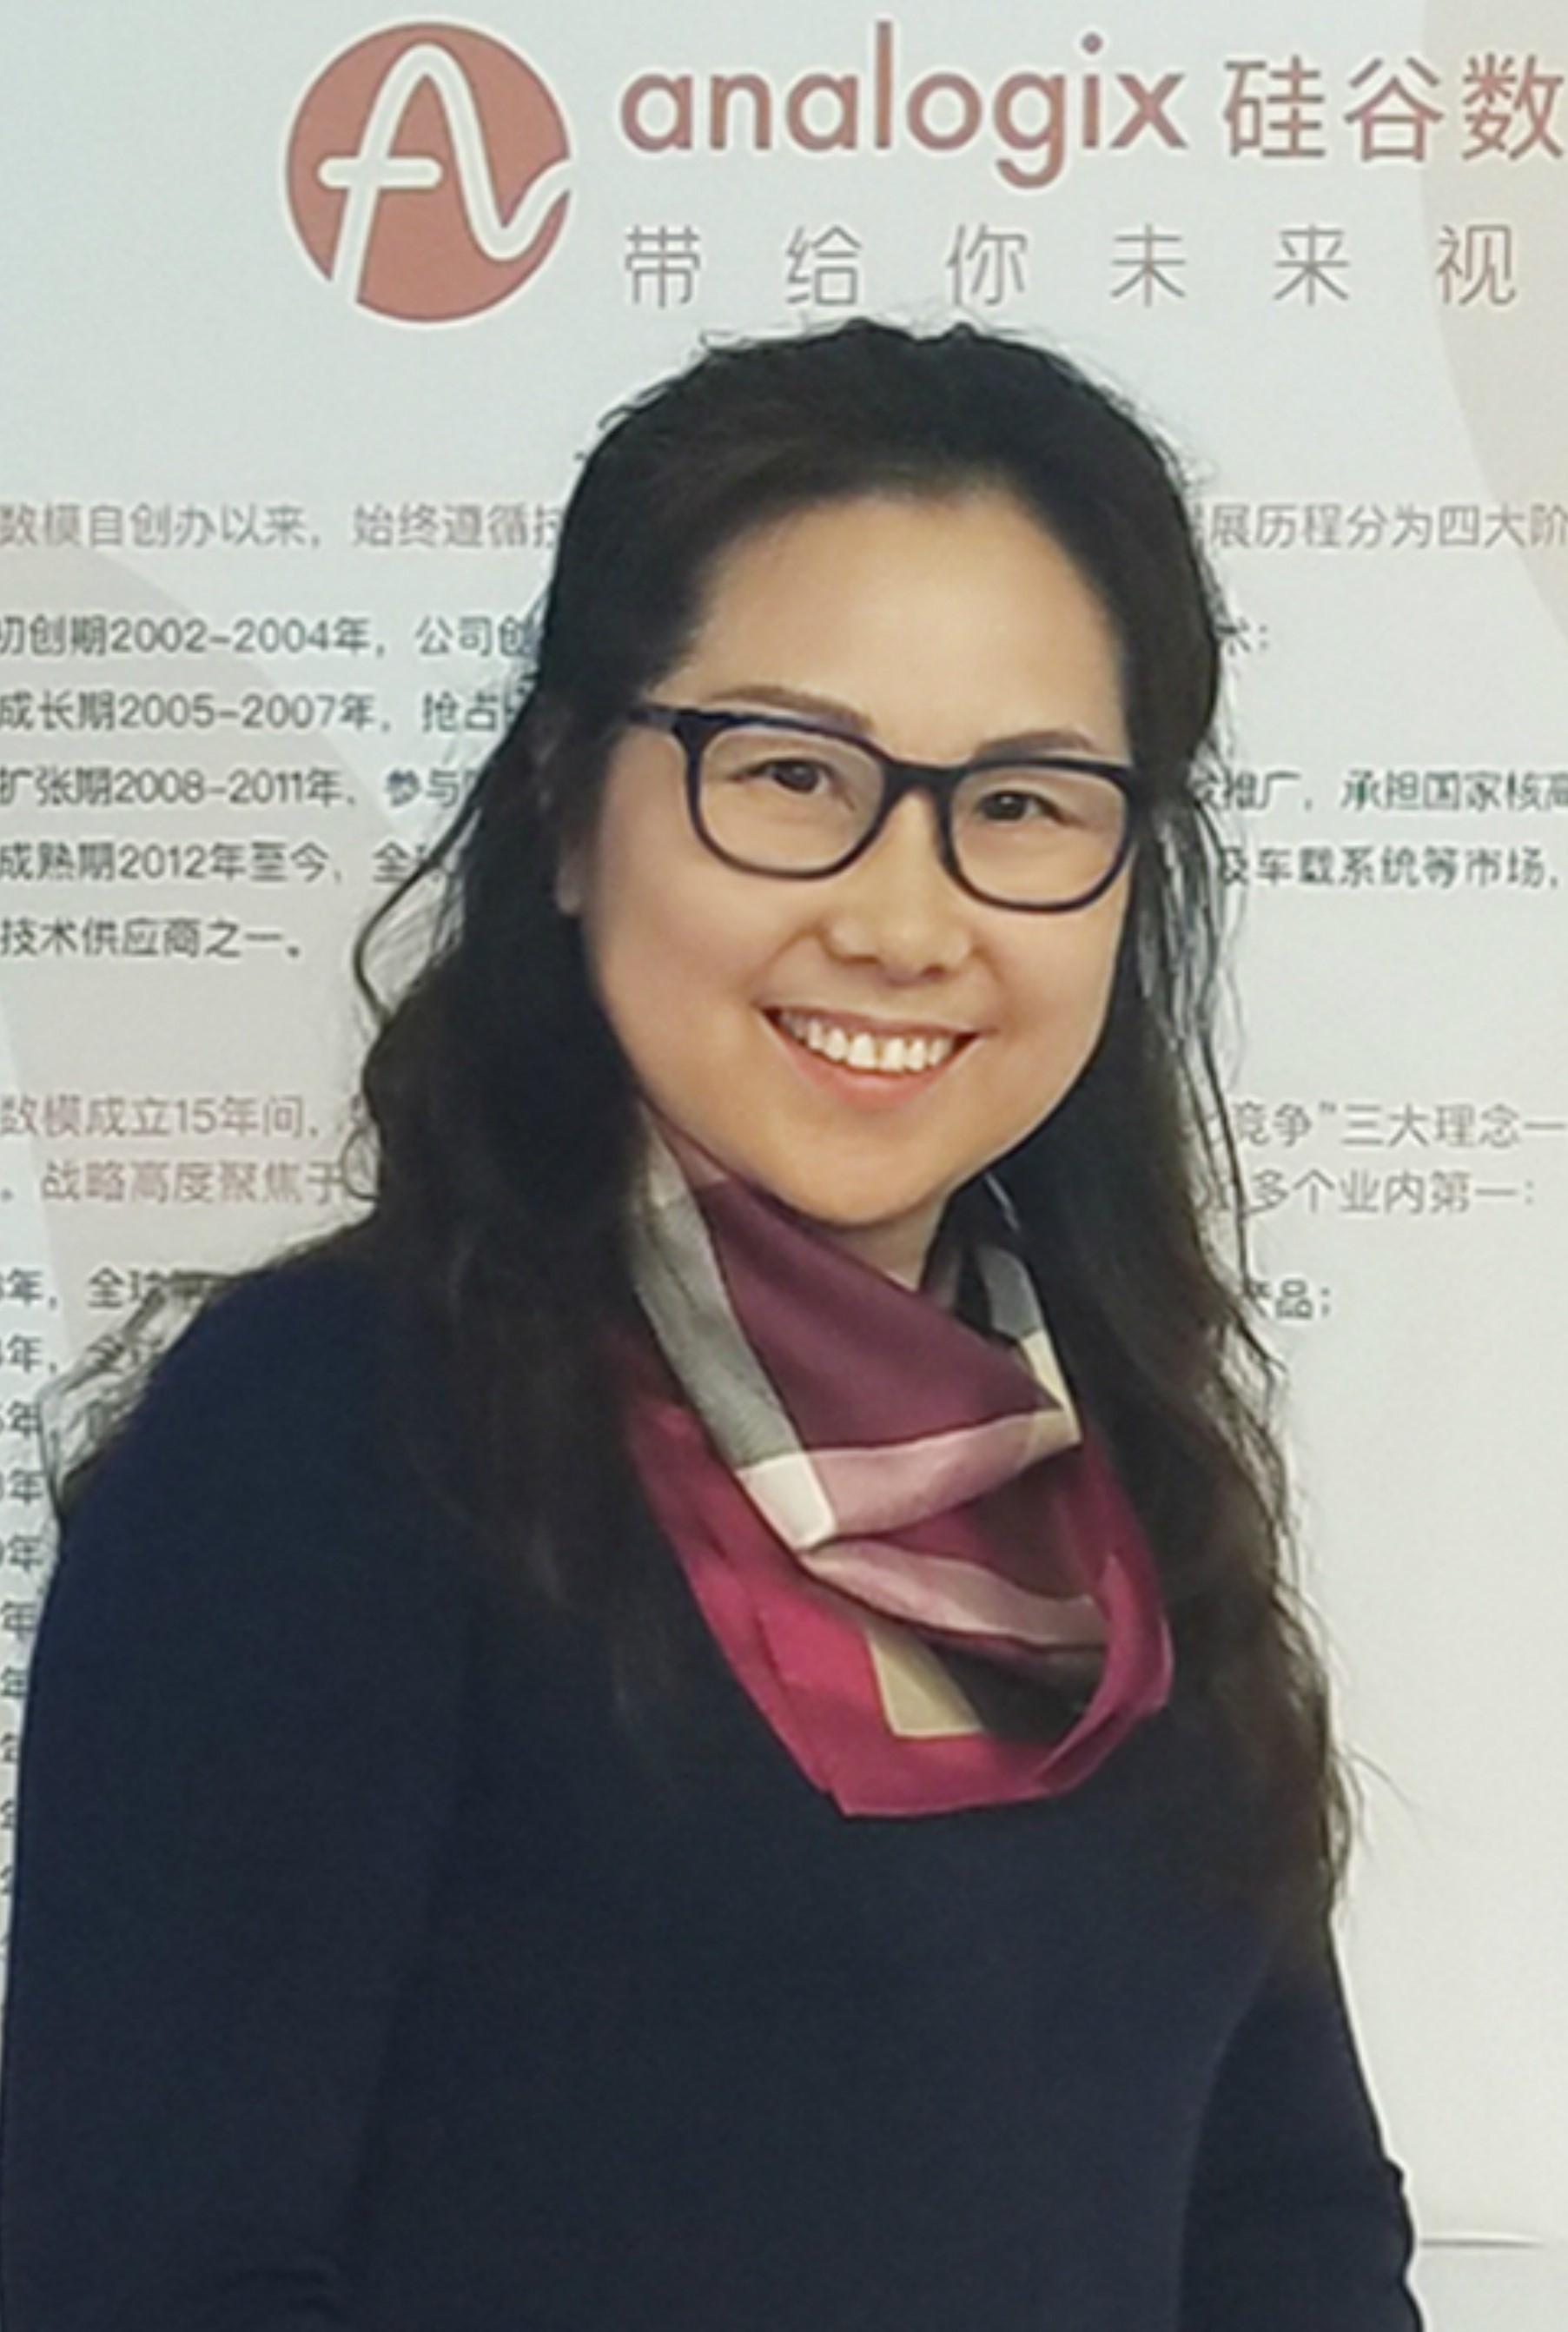 張倩,硅谷數模半導體(北京)有限公司高級副總裁兼硅谷數模半導體(中國)有限公司總經理